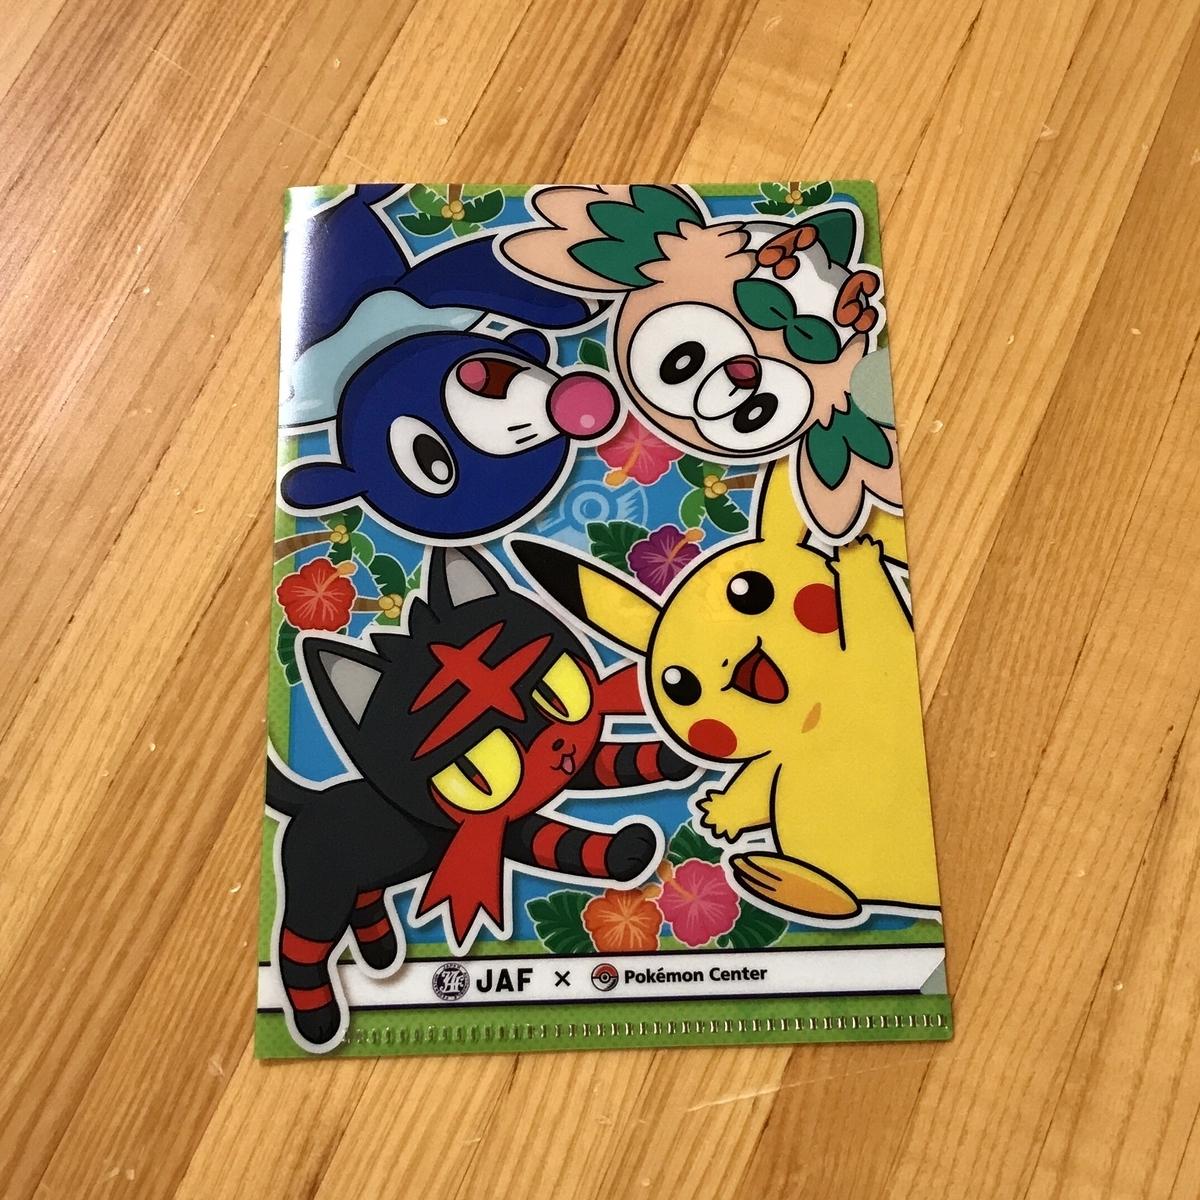 f:id:pikachu_pcn:20190406002228j:plain